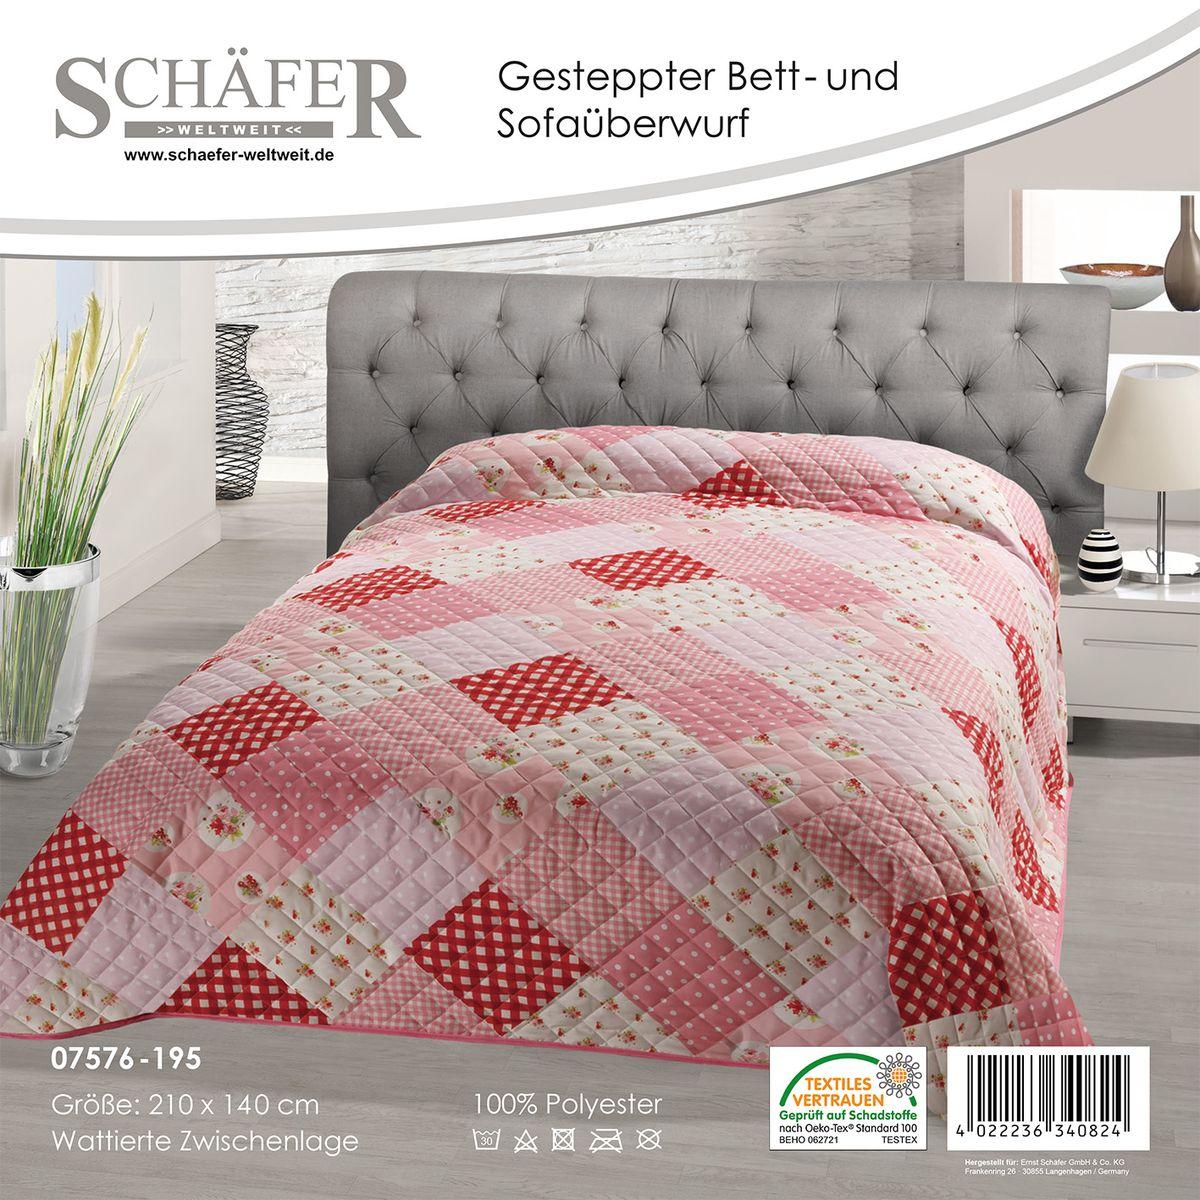 Покрывало Schaefer 220*240см, 100% полиэстер. 07576-19607576-196